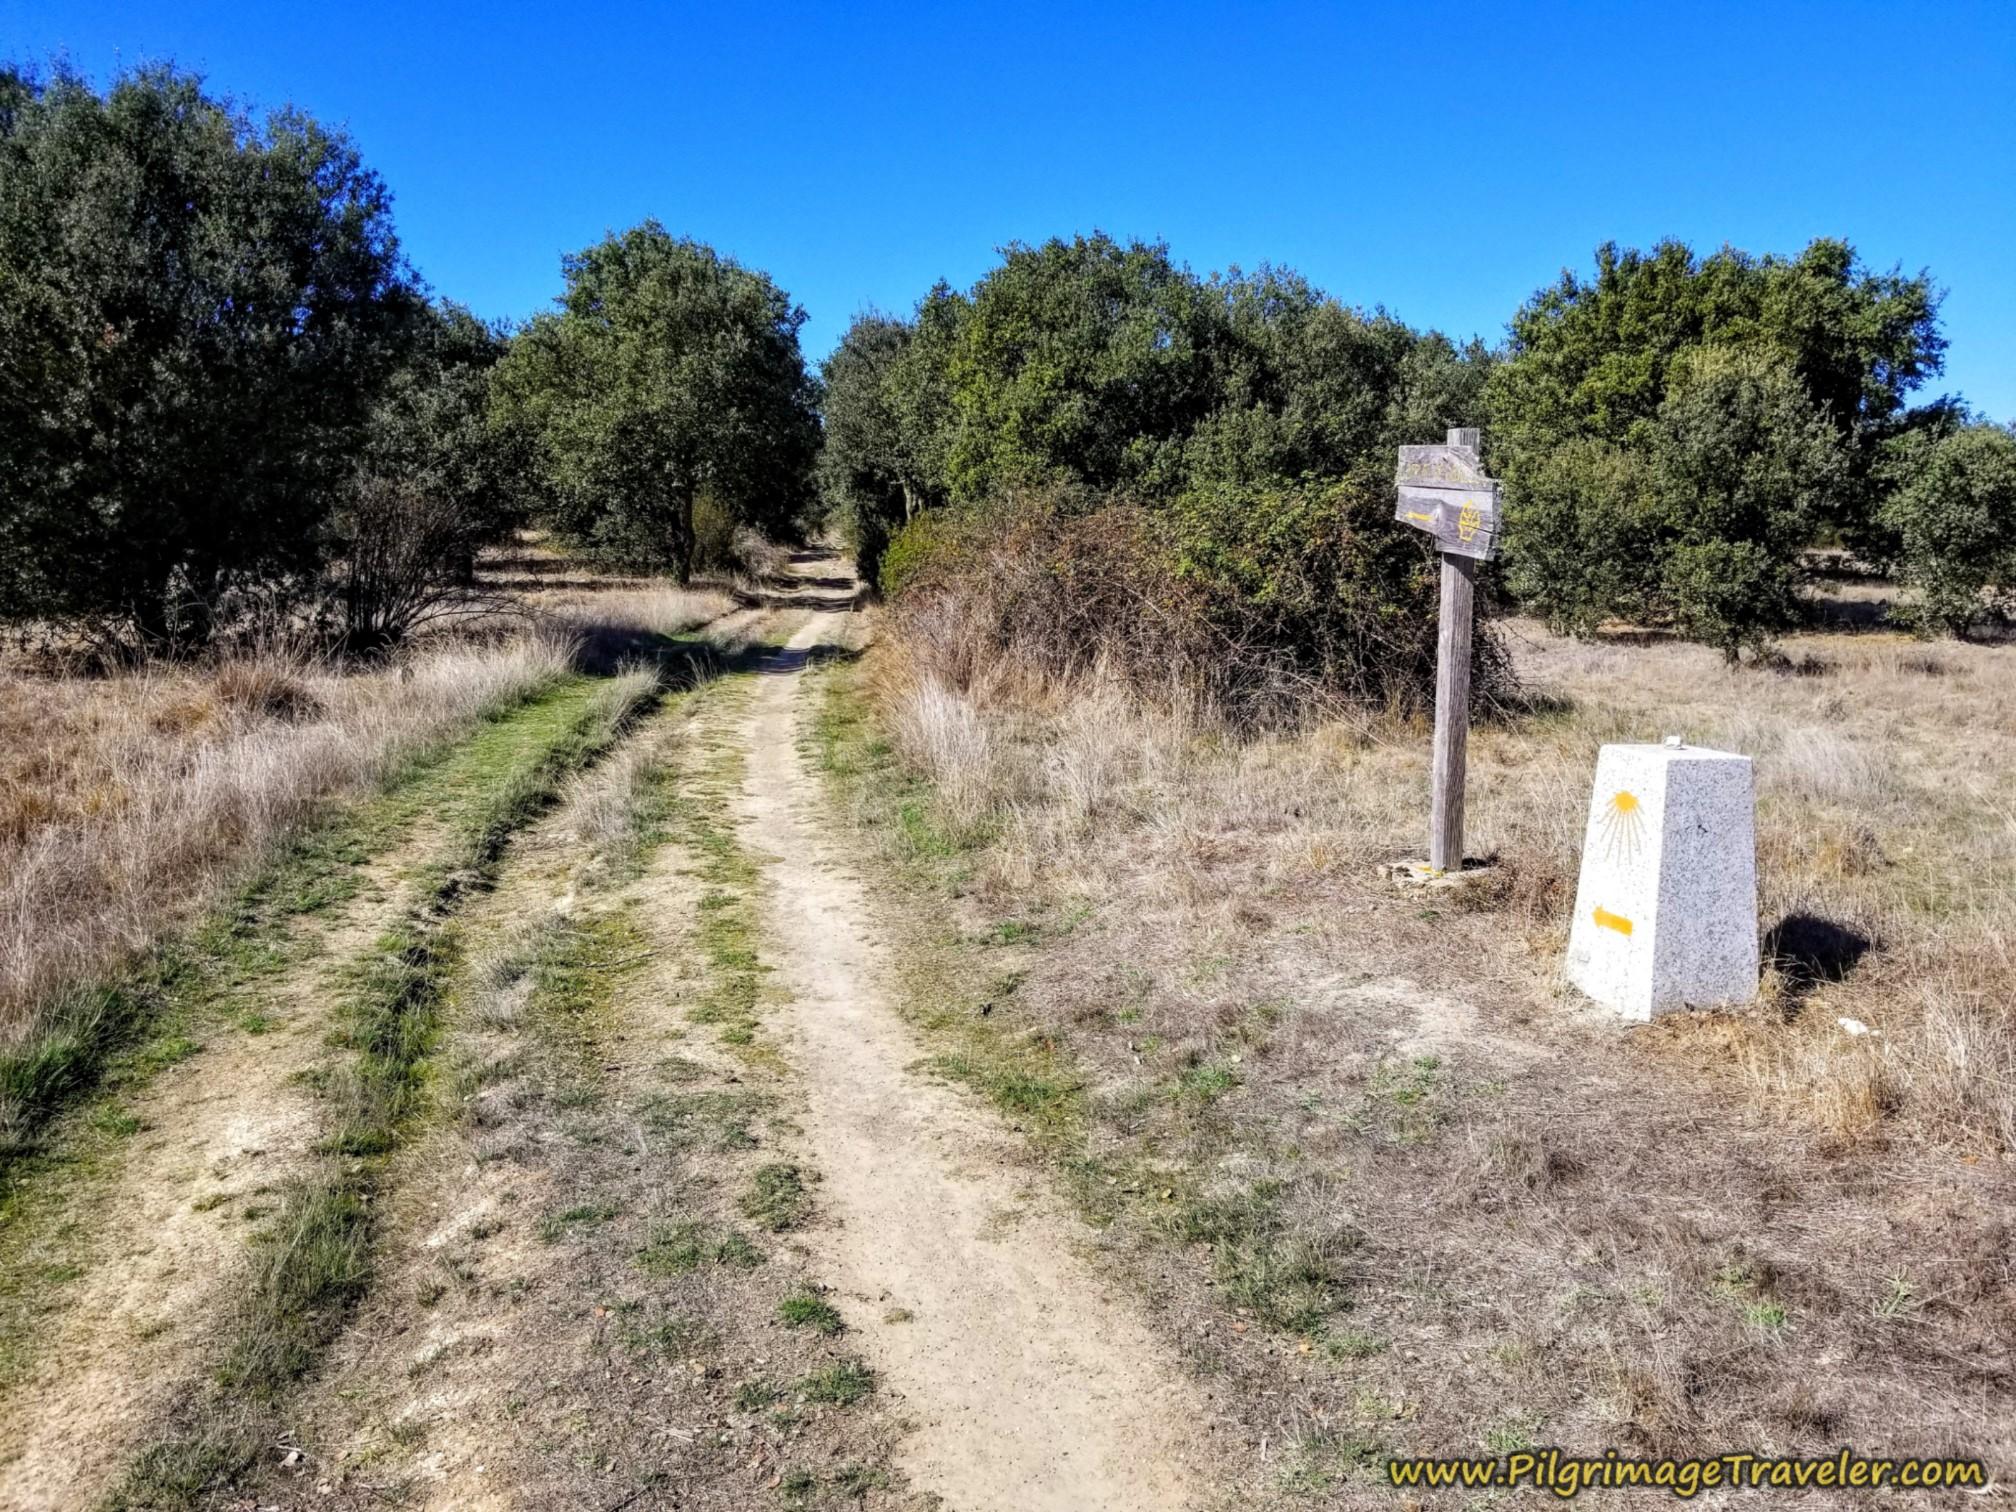 Country Lane Waymarking on the Camino Sanabrés from Santa Marta de Tera to Rionegro del Puente